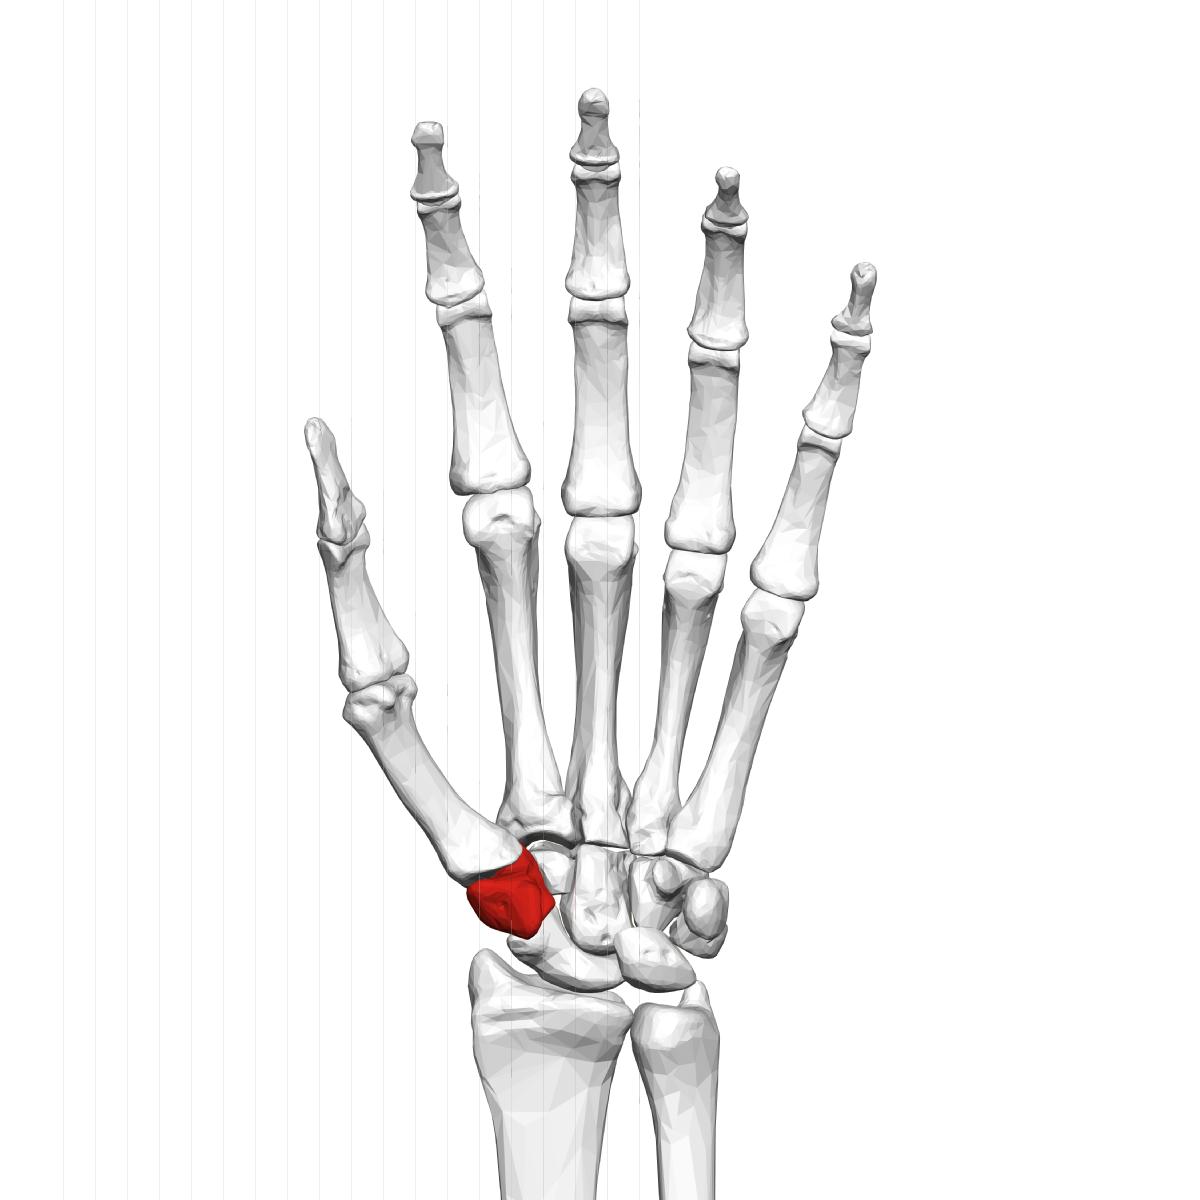 Trapezium (bone) - Wikipedia